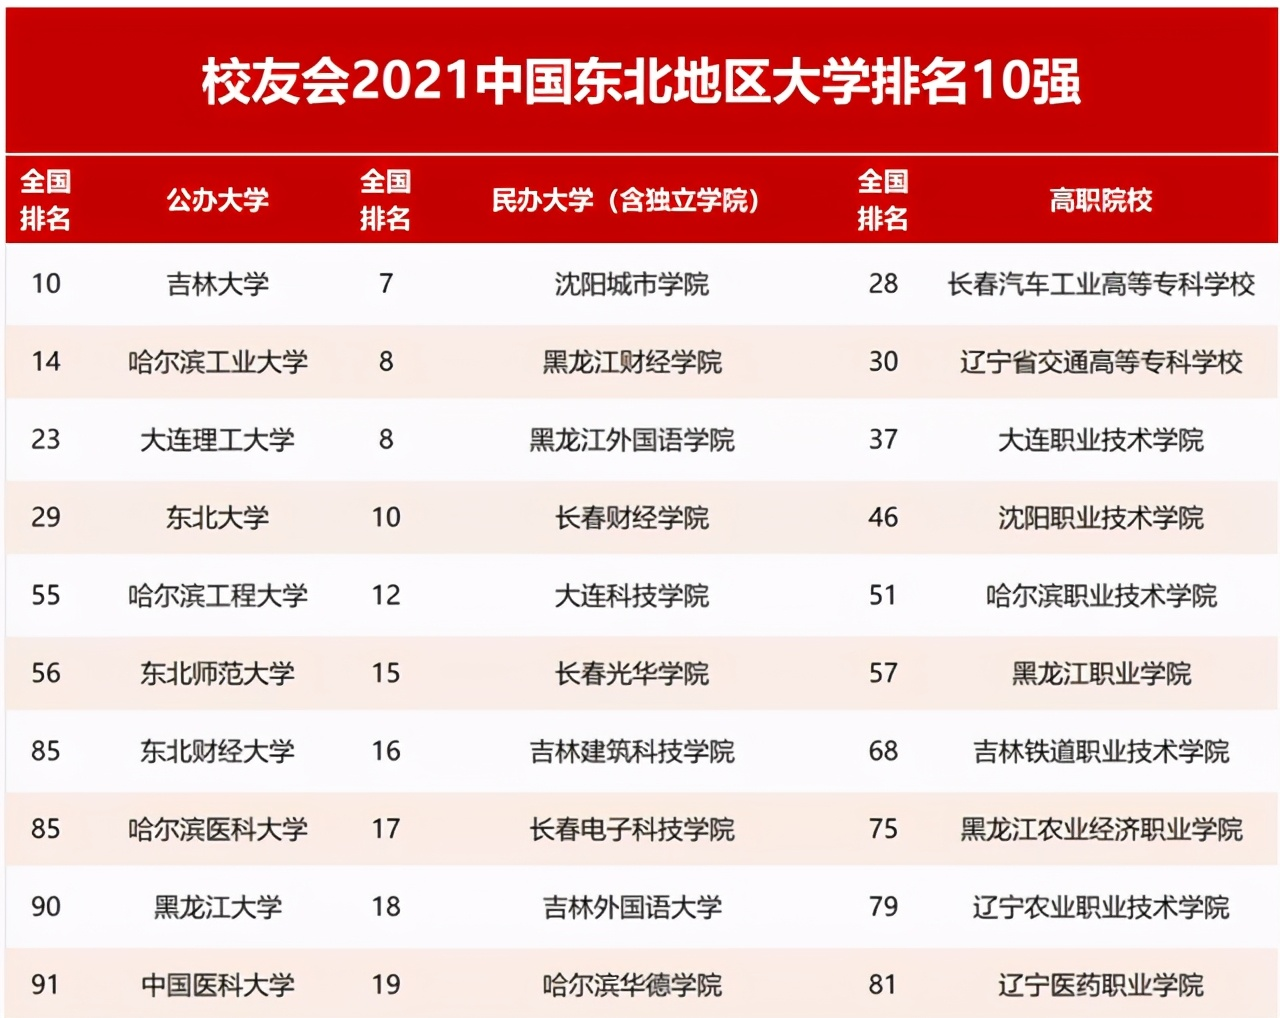 东北三省名校排名,大连理工第三名,哈工大和吉大谁更值得第一?